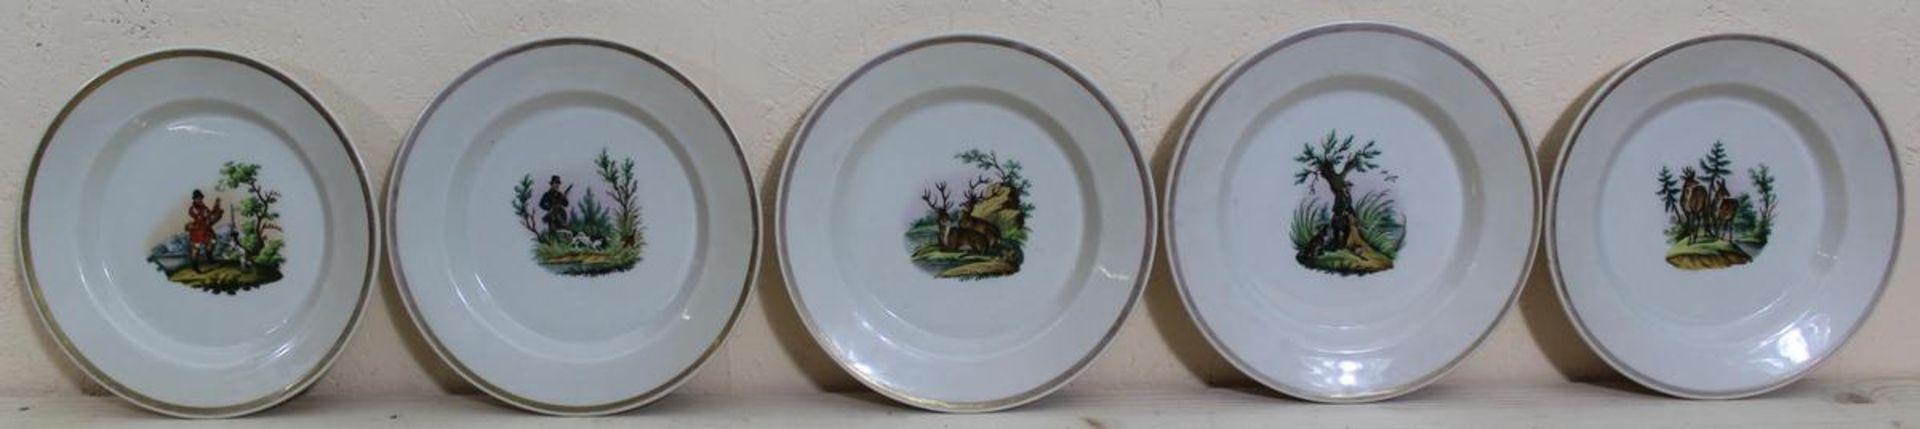 5 Teller mit jagdlichen Motiven KPM-Berlin vor 1850, im Spiegel Darstellung von Jägern, Hunden,